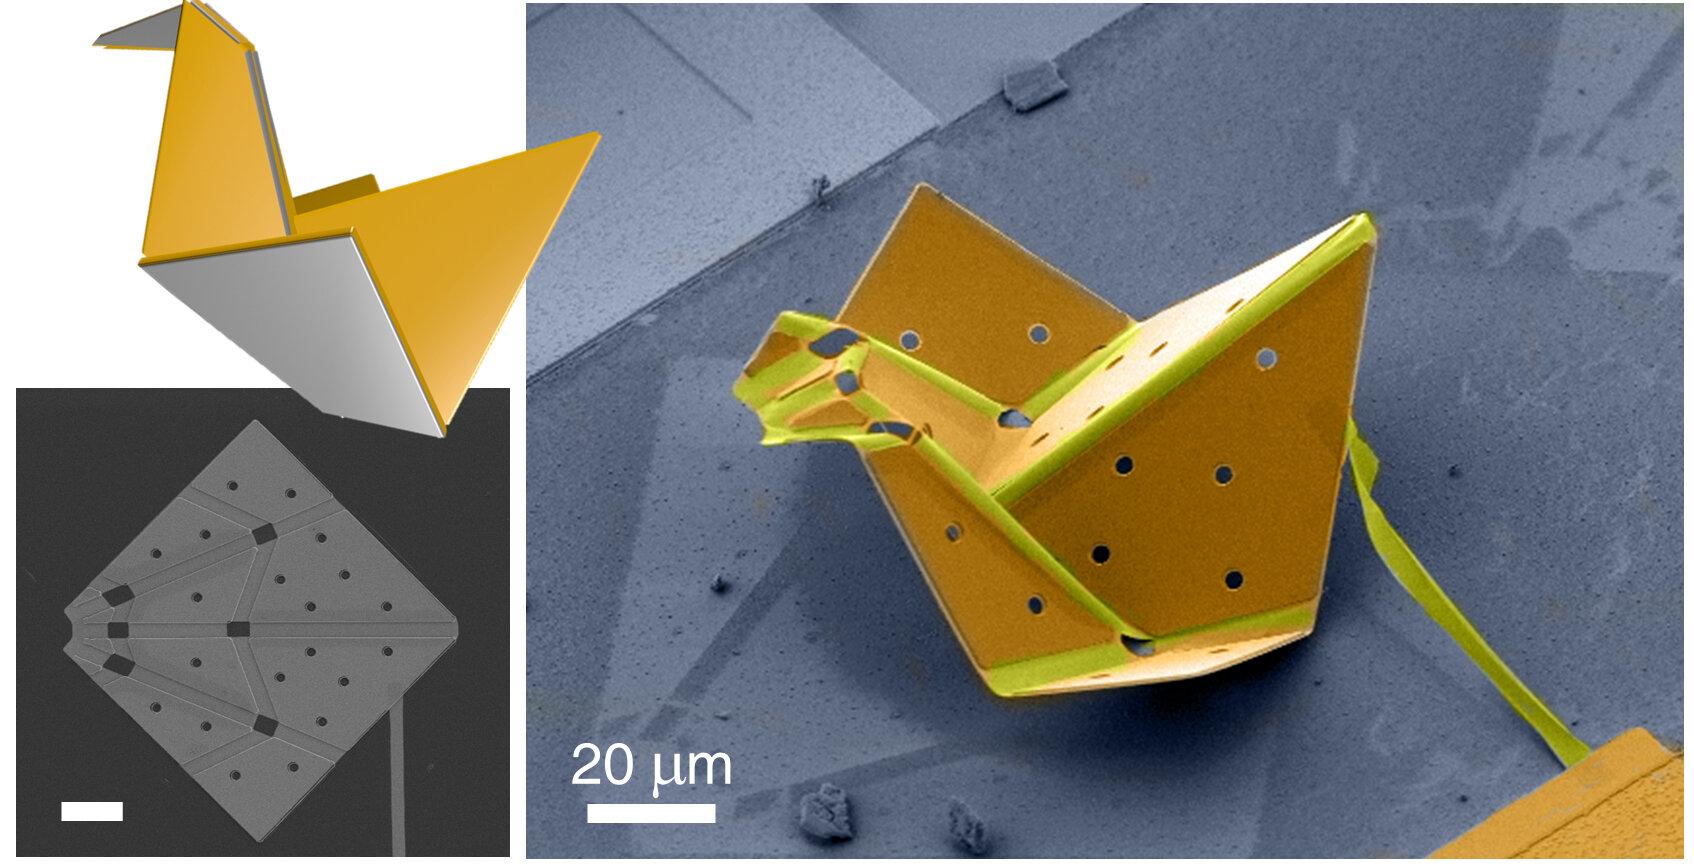 Chim gấp origami nhỏ nhất thế giới. Ảnh: Đại học Cornell.